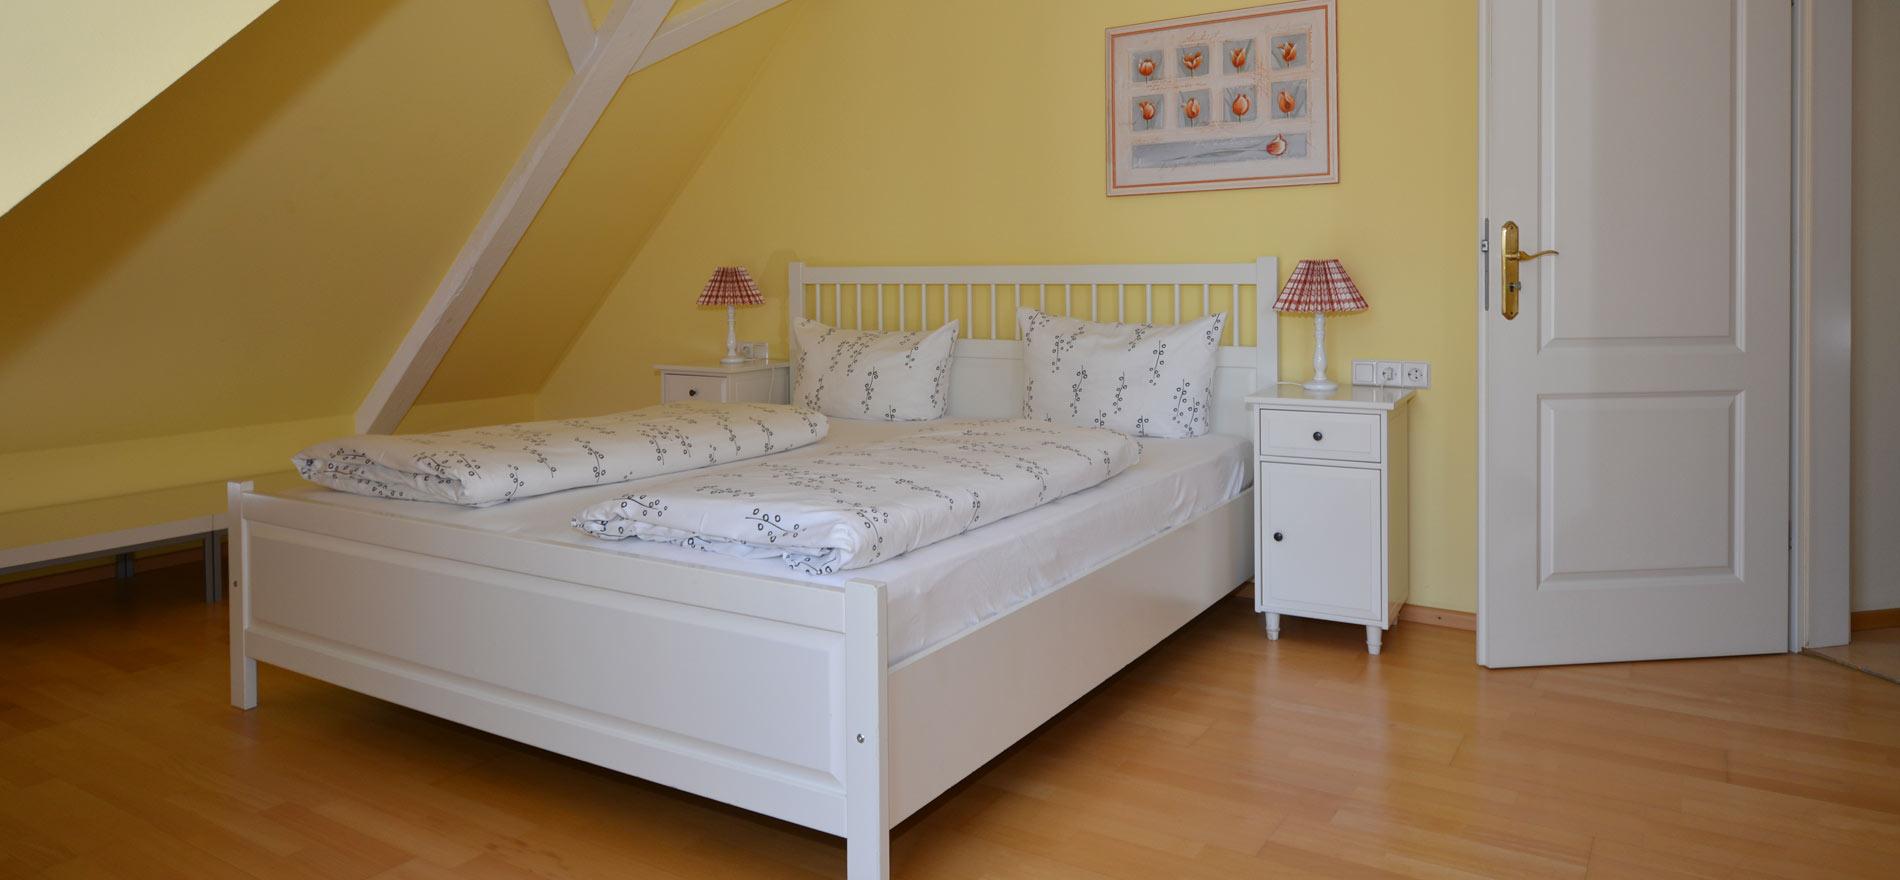 Ferienwohnung Pfarrhaus in Meersburg - Wohnung 6 6